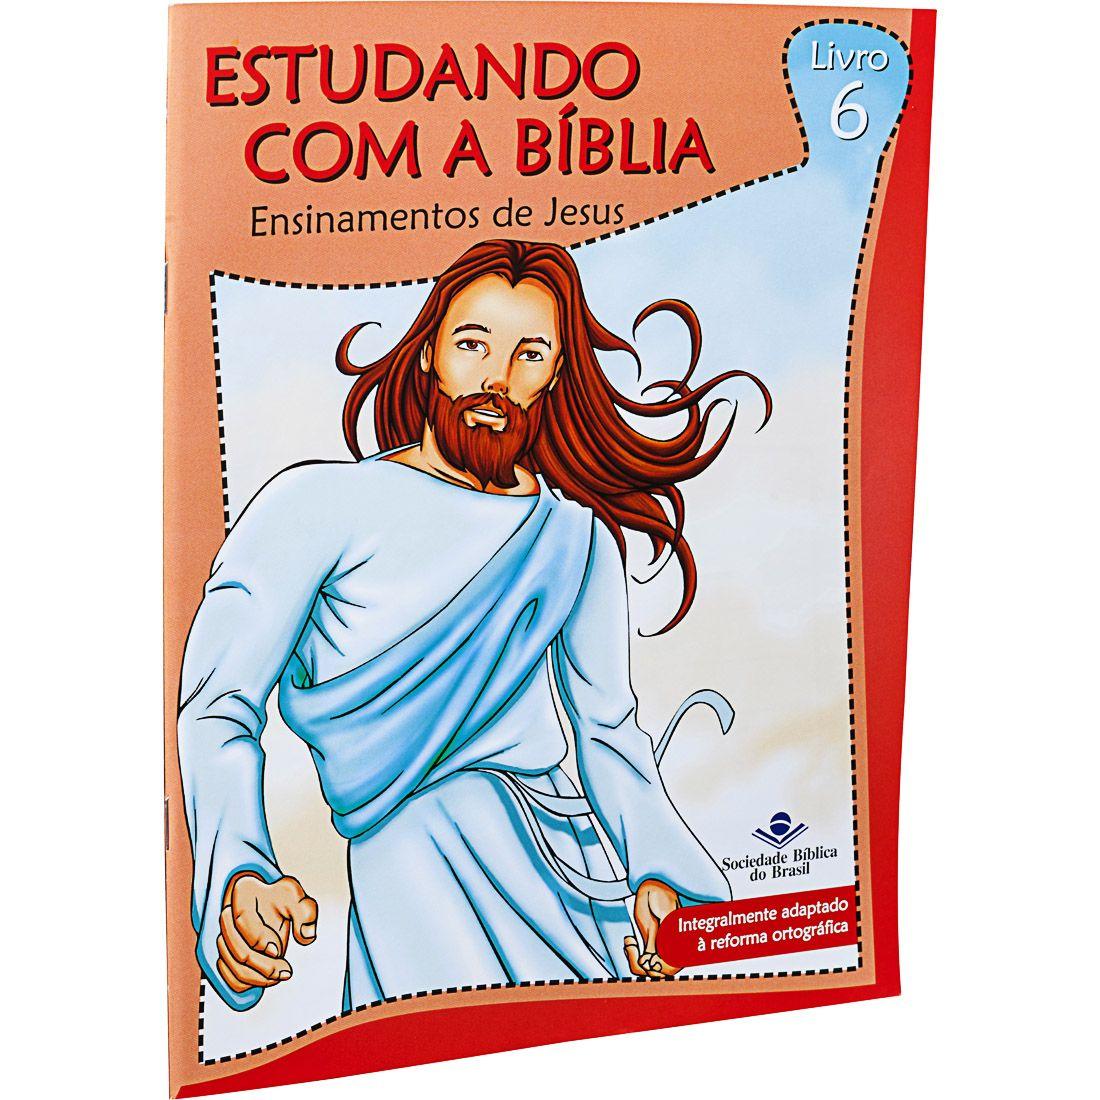 Estudando com a Bíblia -  Ensinamentos de Jesus